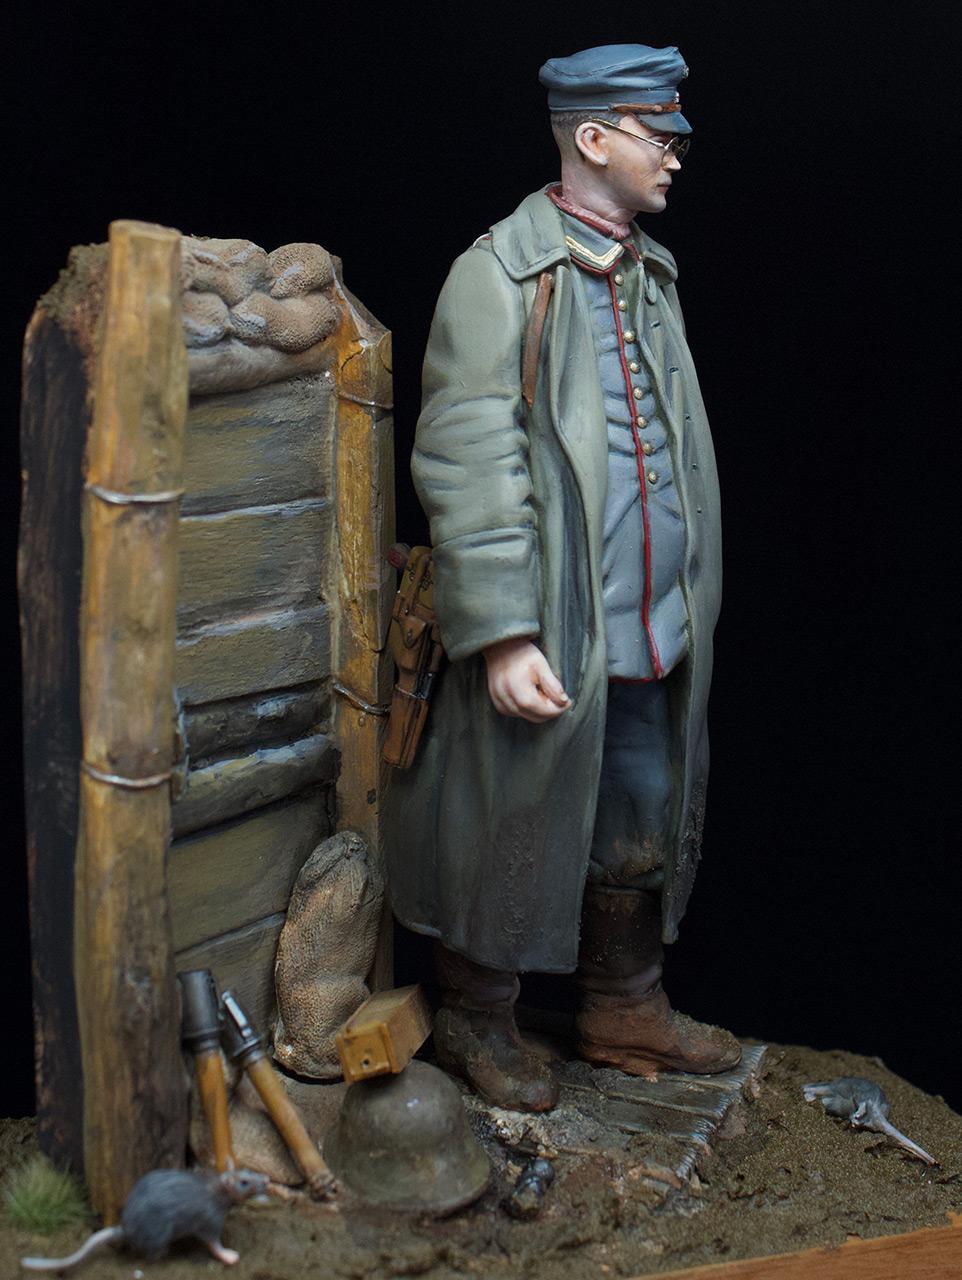 Фигурки: Гамбургский пехотный сержант, 1917 год, фото #6